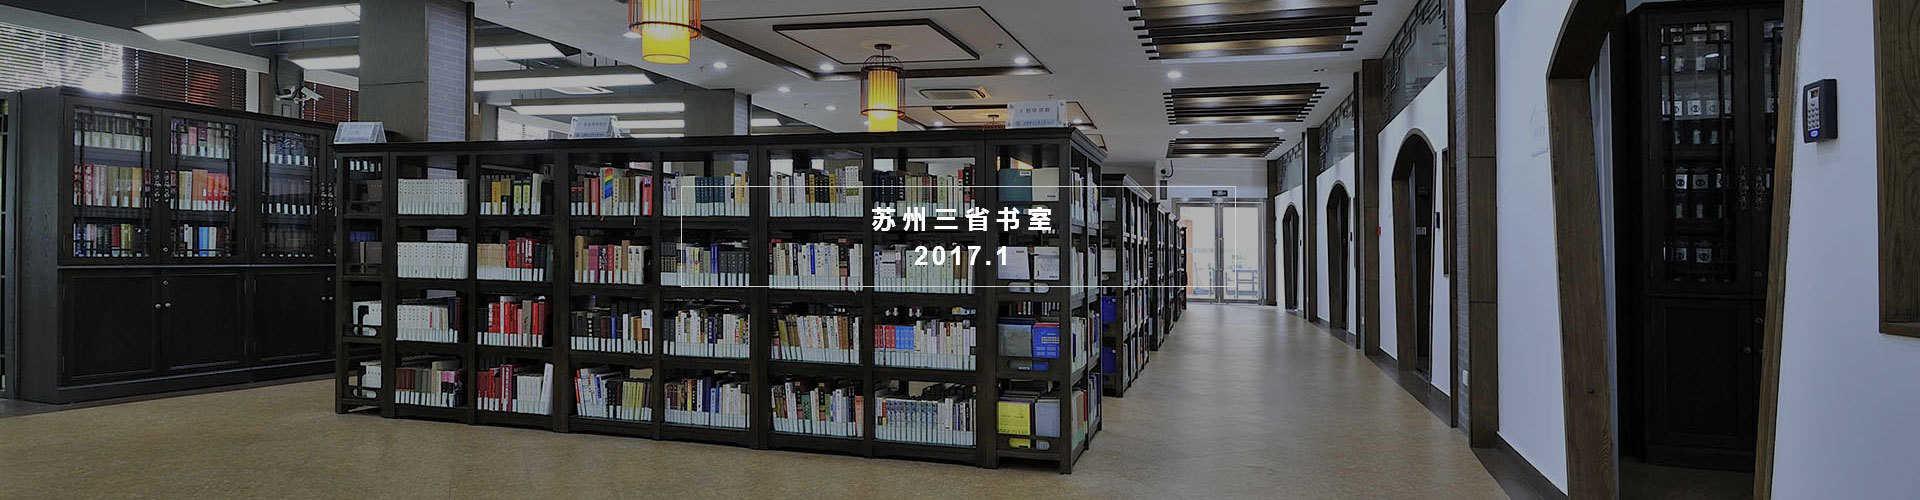 苏州三省书室